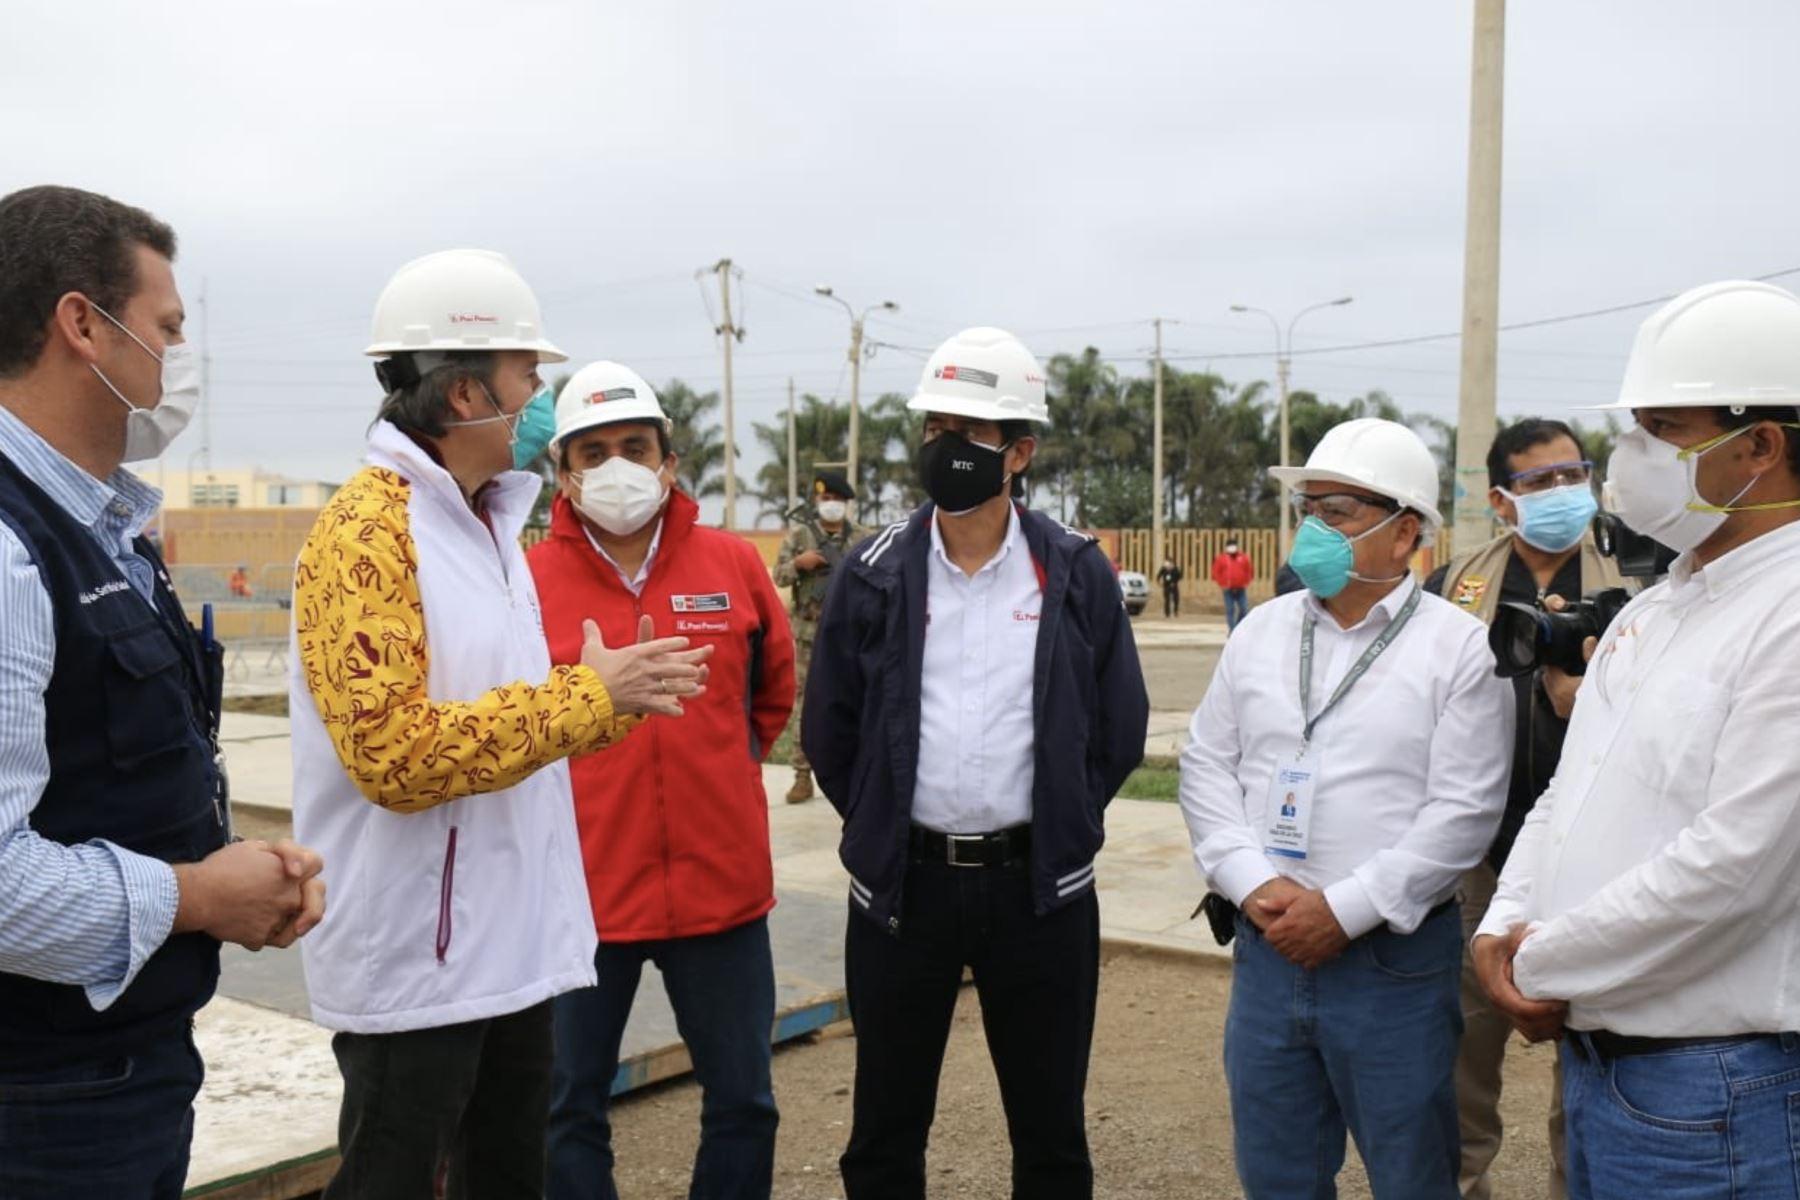 El ministro de Transportes y Comunicaciones, Carlos Lozada, realizó esta mañana una visita de inspección a las obras que se realizan para instalar un hospital móvil en la ciudad de Cañete, como parte de la lucha contra la pandemia del covid-19.